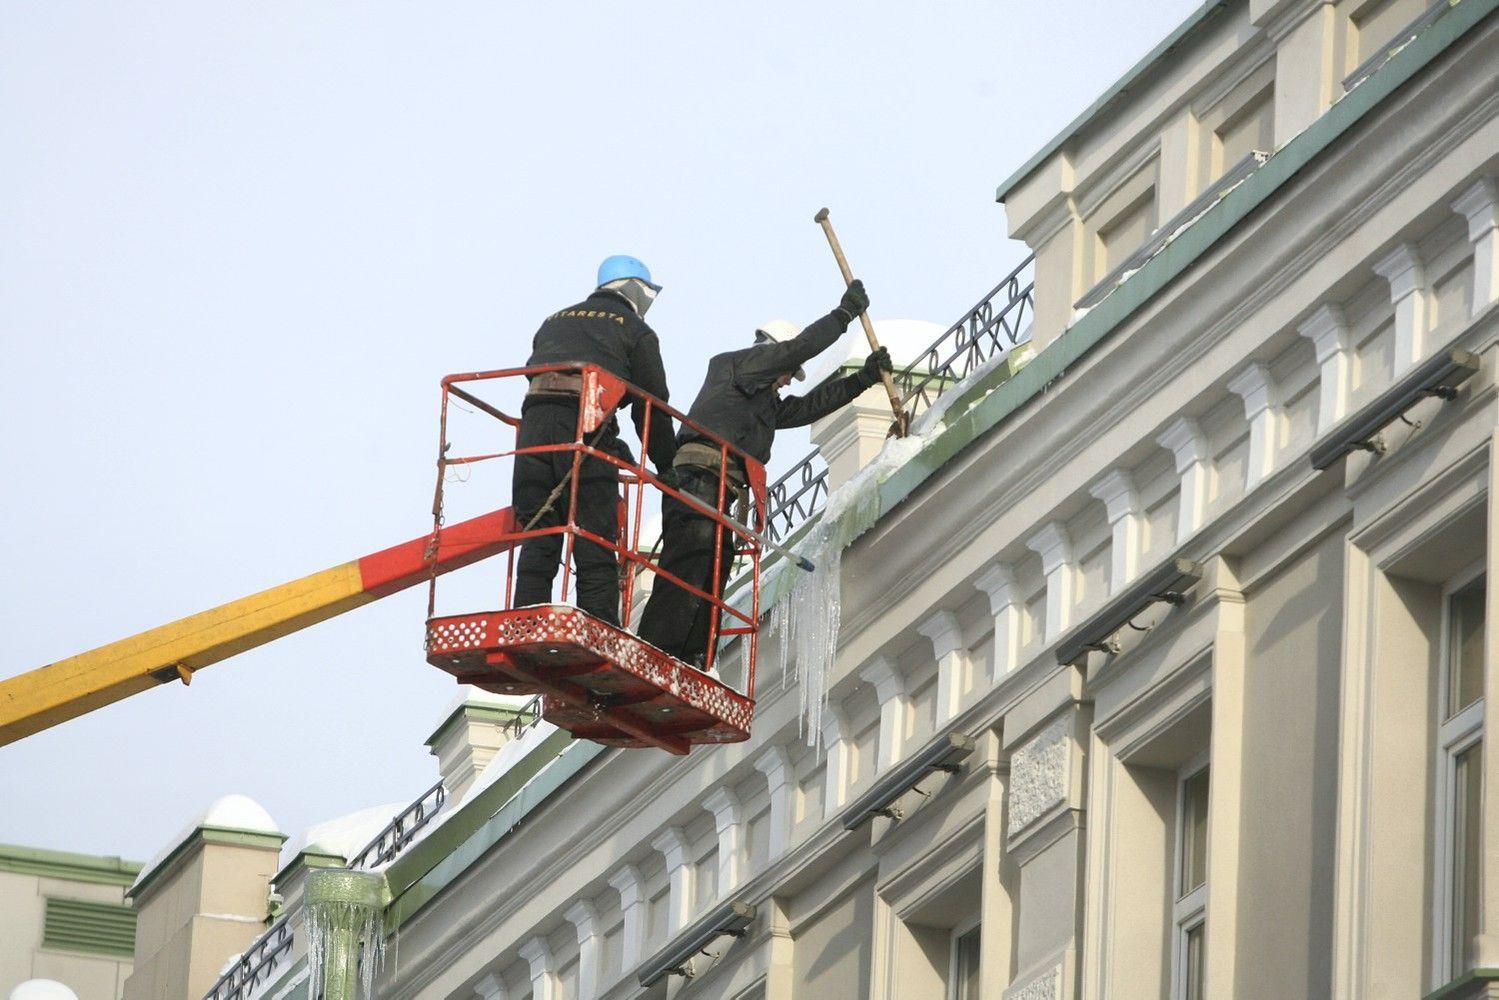 Vilniaus savivaldybė perspėja dėl besiformuojančių varveklių